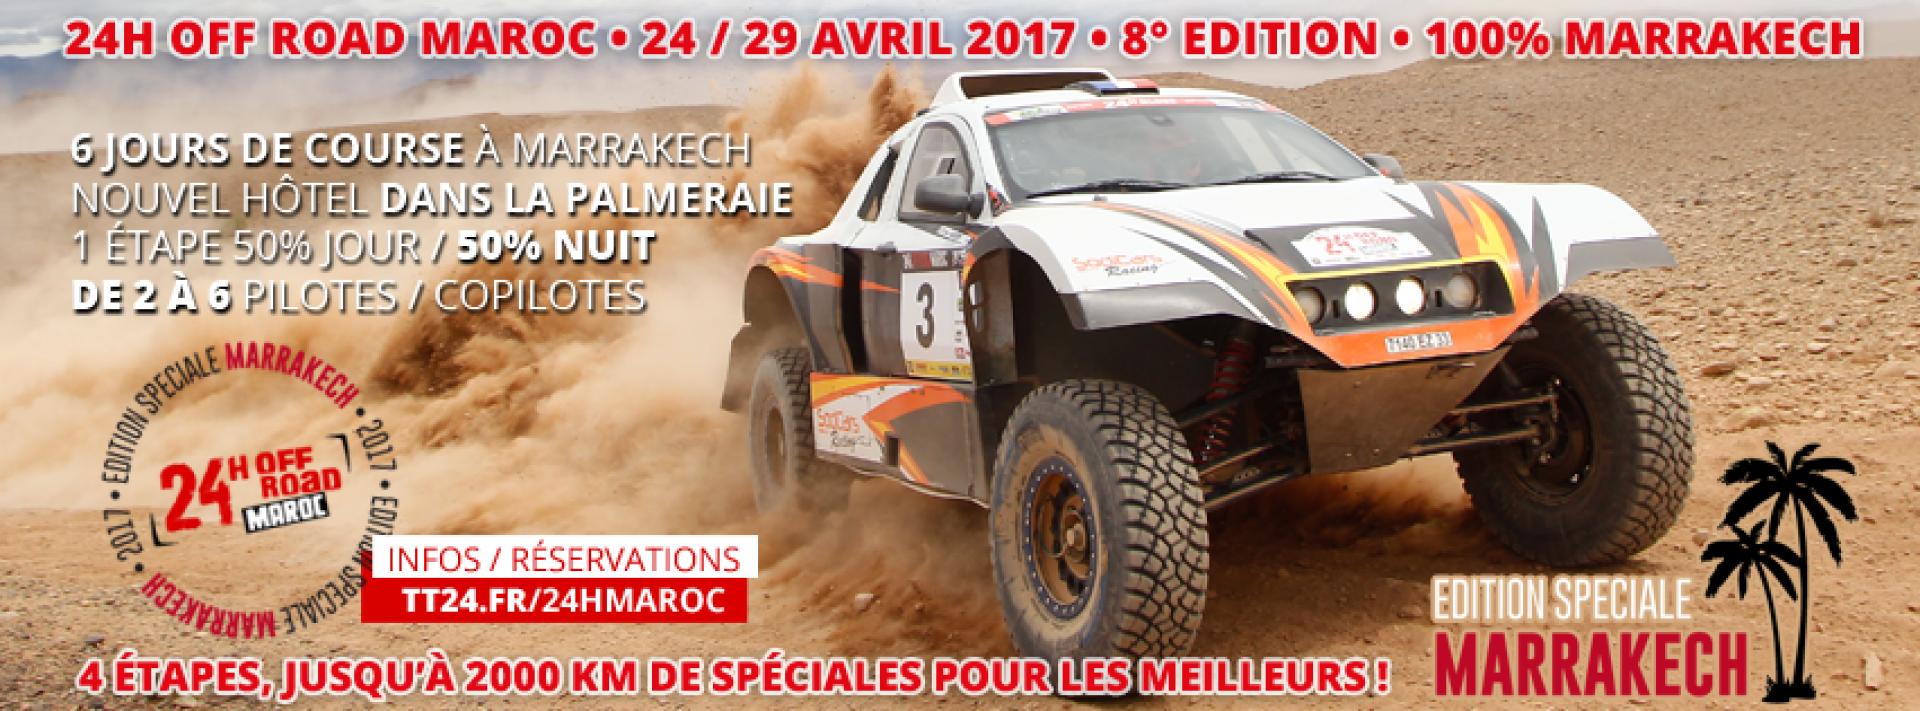 24 H Maroc du 24 au 29 avril 2017, une édition «100 % Marrakech»